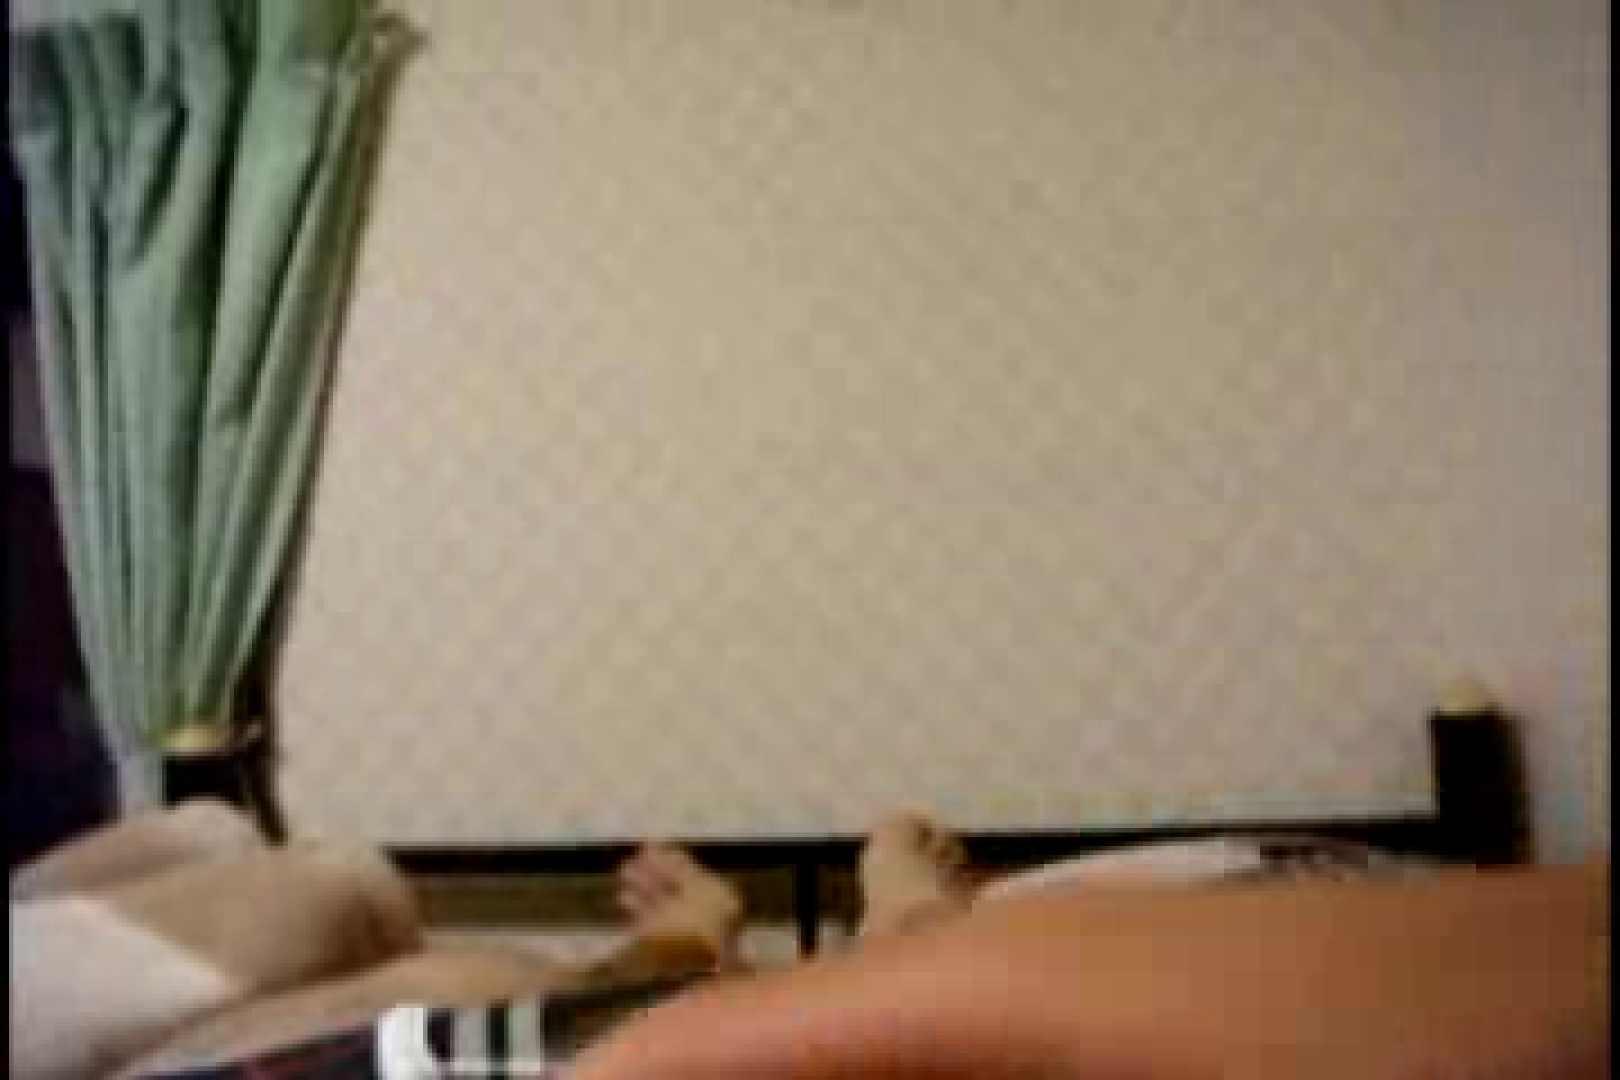 オナ好きノンケテニス部員の自画撮り投稿vol.01 オナニー ゲイフリーエロ画像 82枚 23